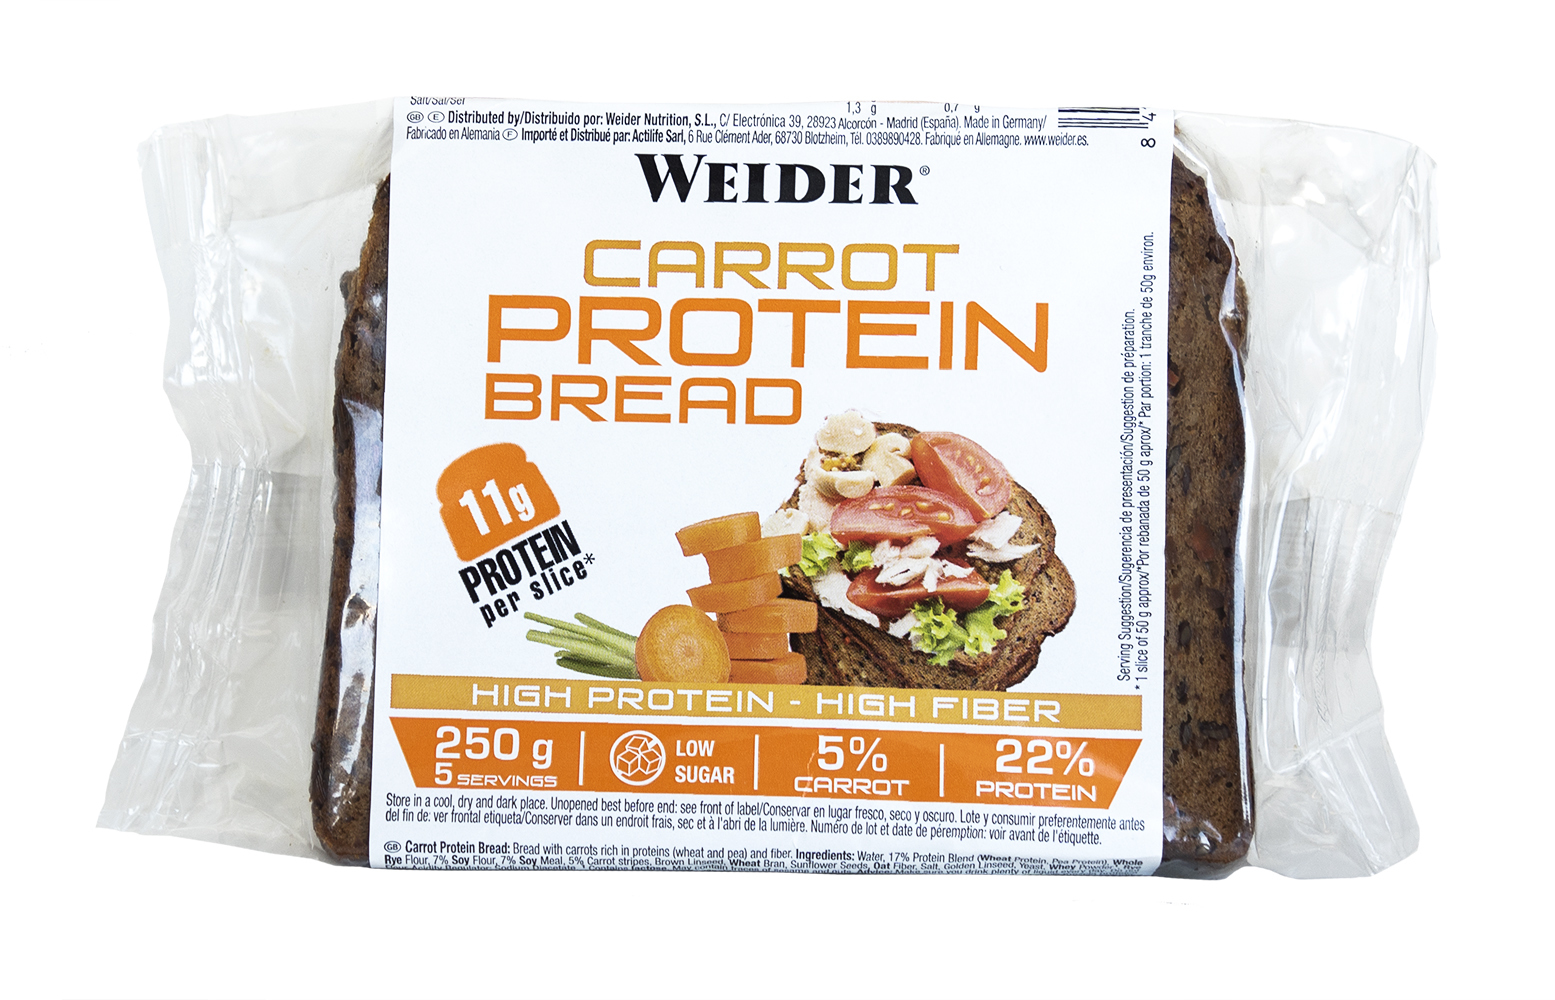 Weider, proteinový chléb s mrkví, 11g bílkovin v porci, 250g